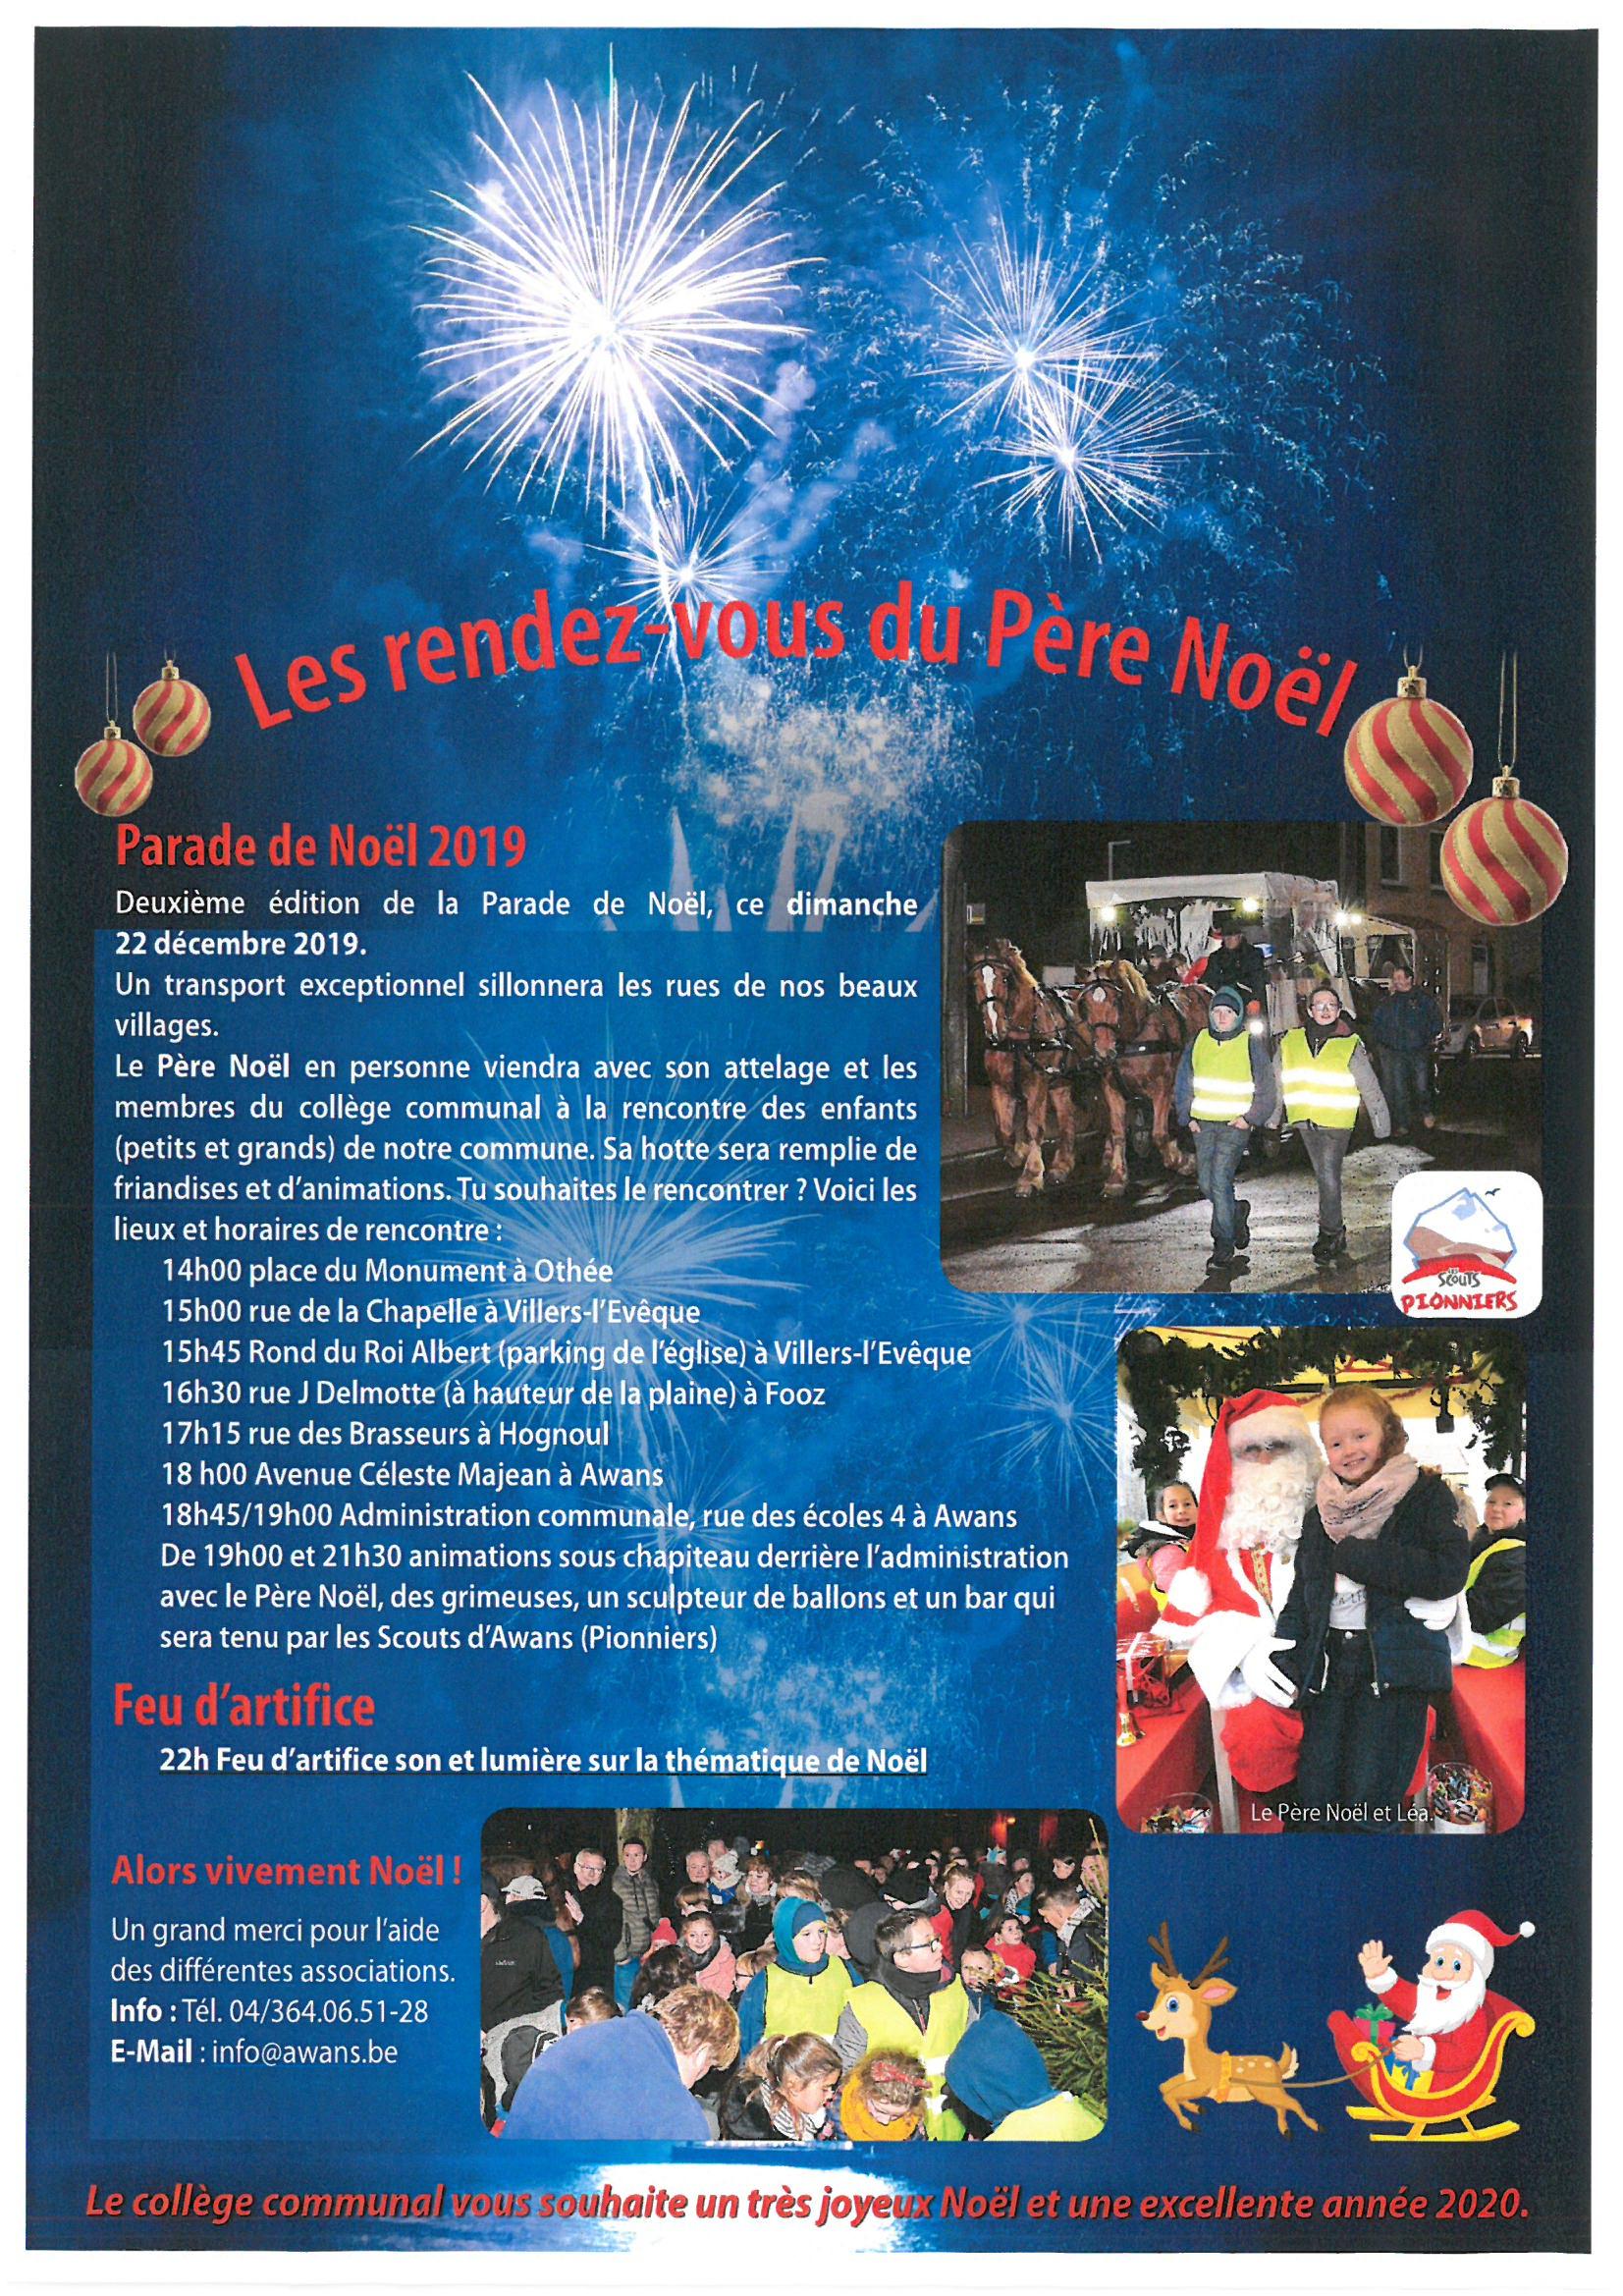 22 décembre 2019 - Parade de Nöel et feu d'articfice